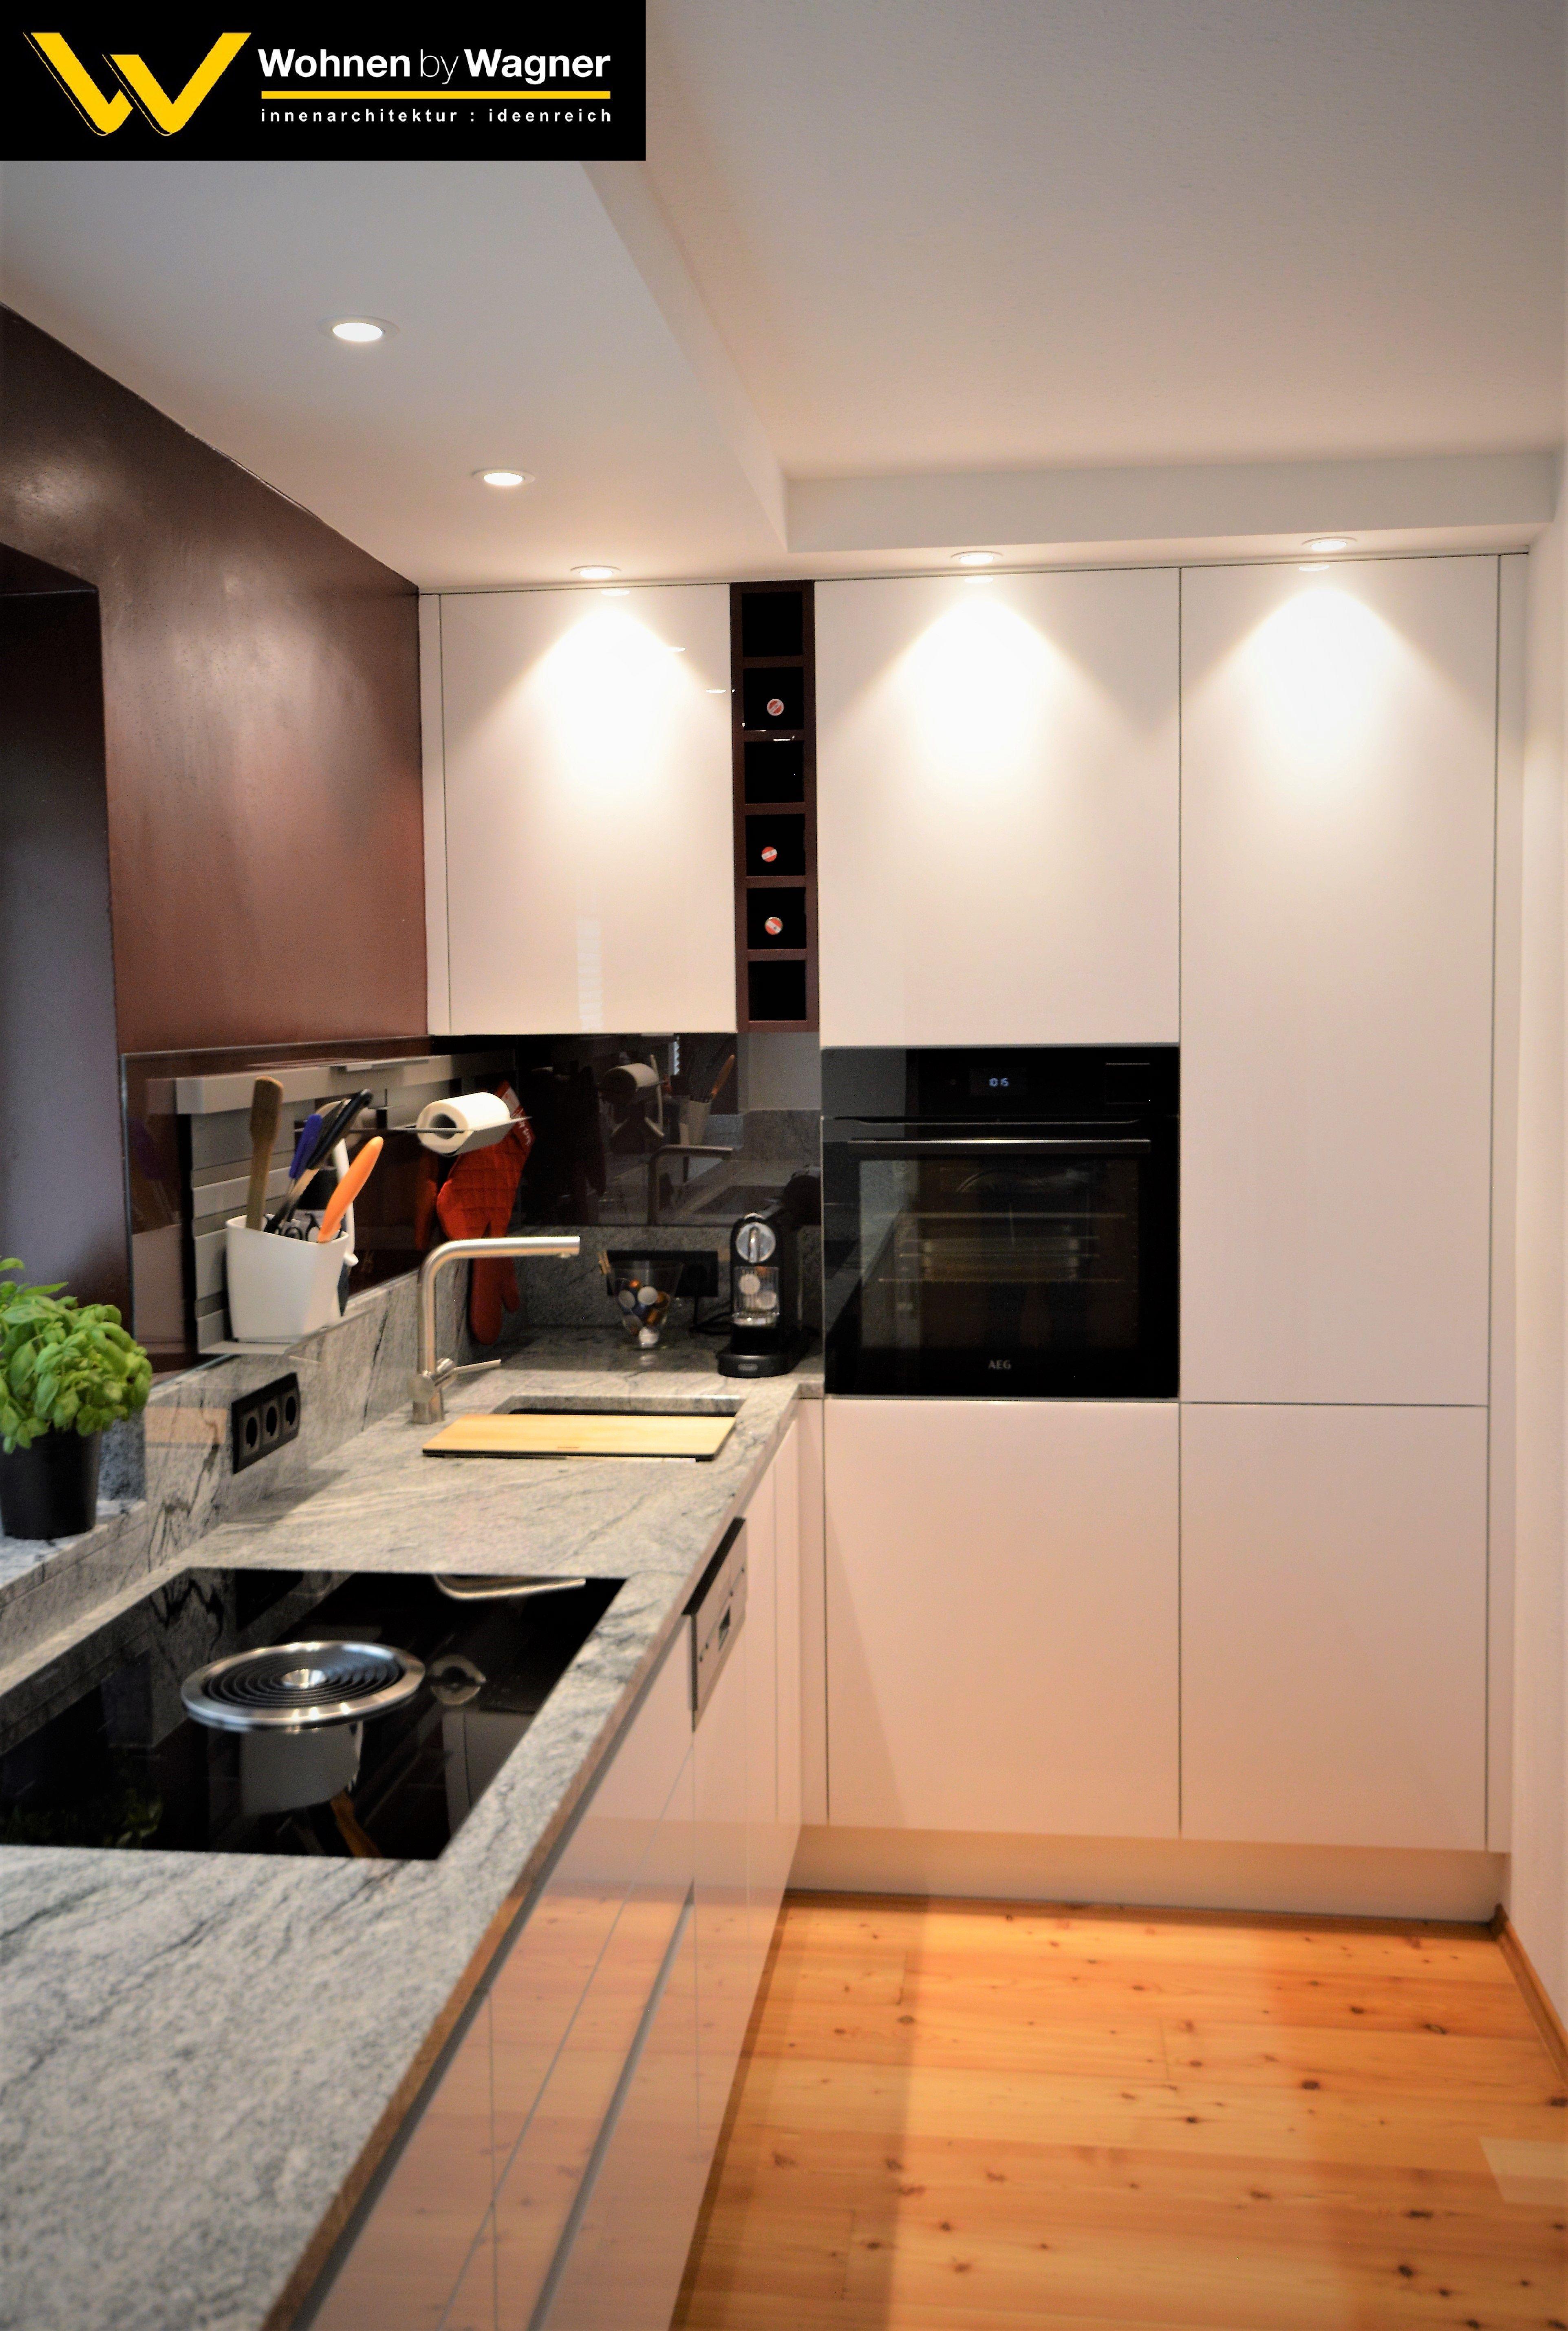 Küche mit Acryl-Glas- glänzender Front  Moderne küche, Küche